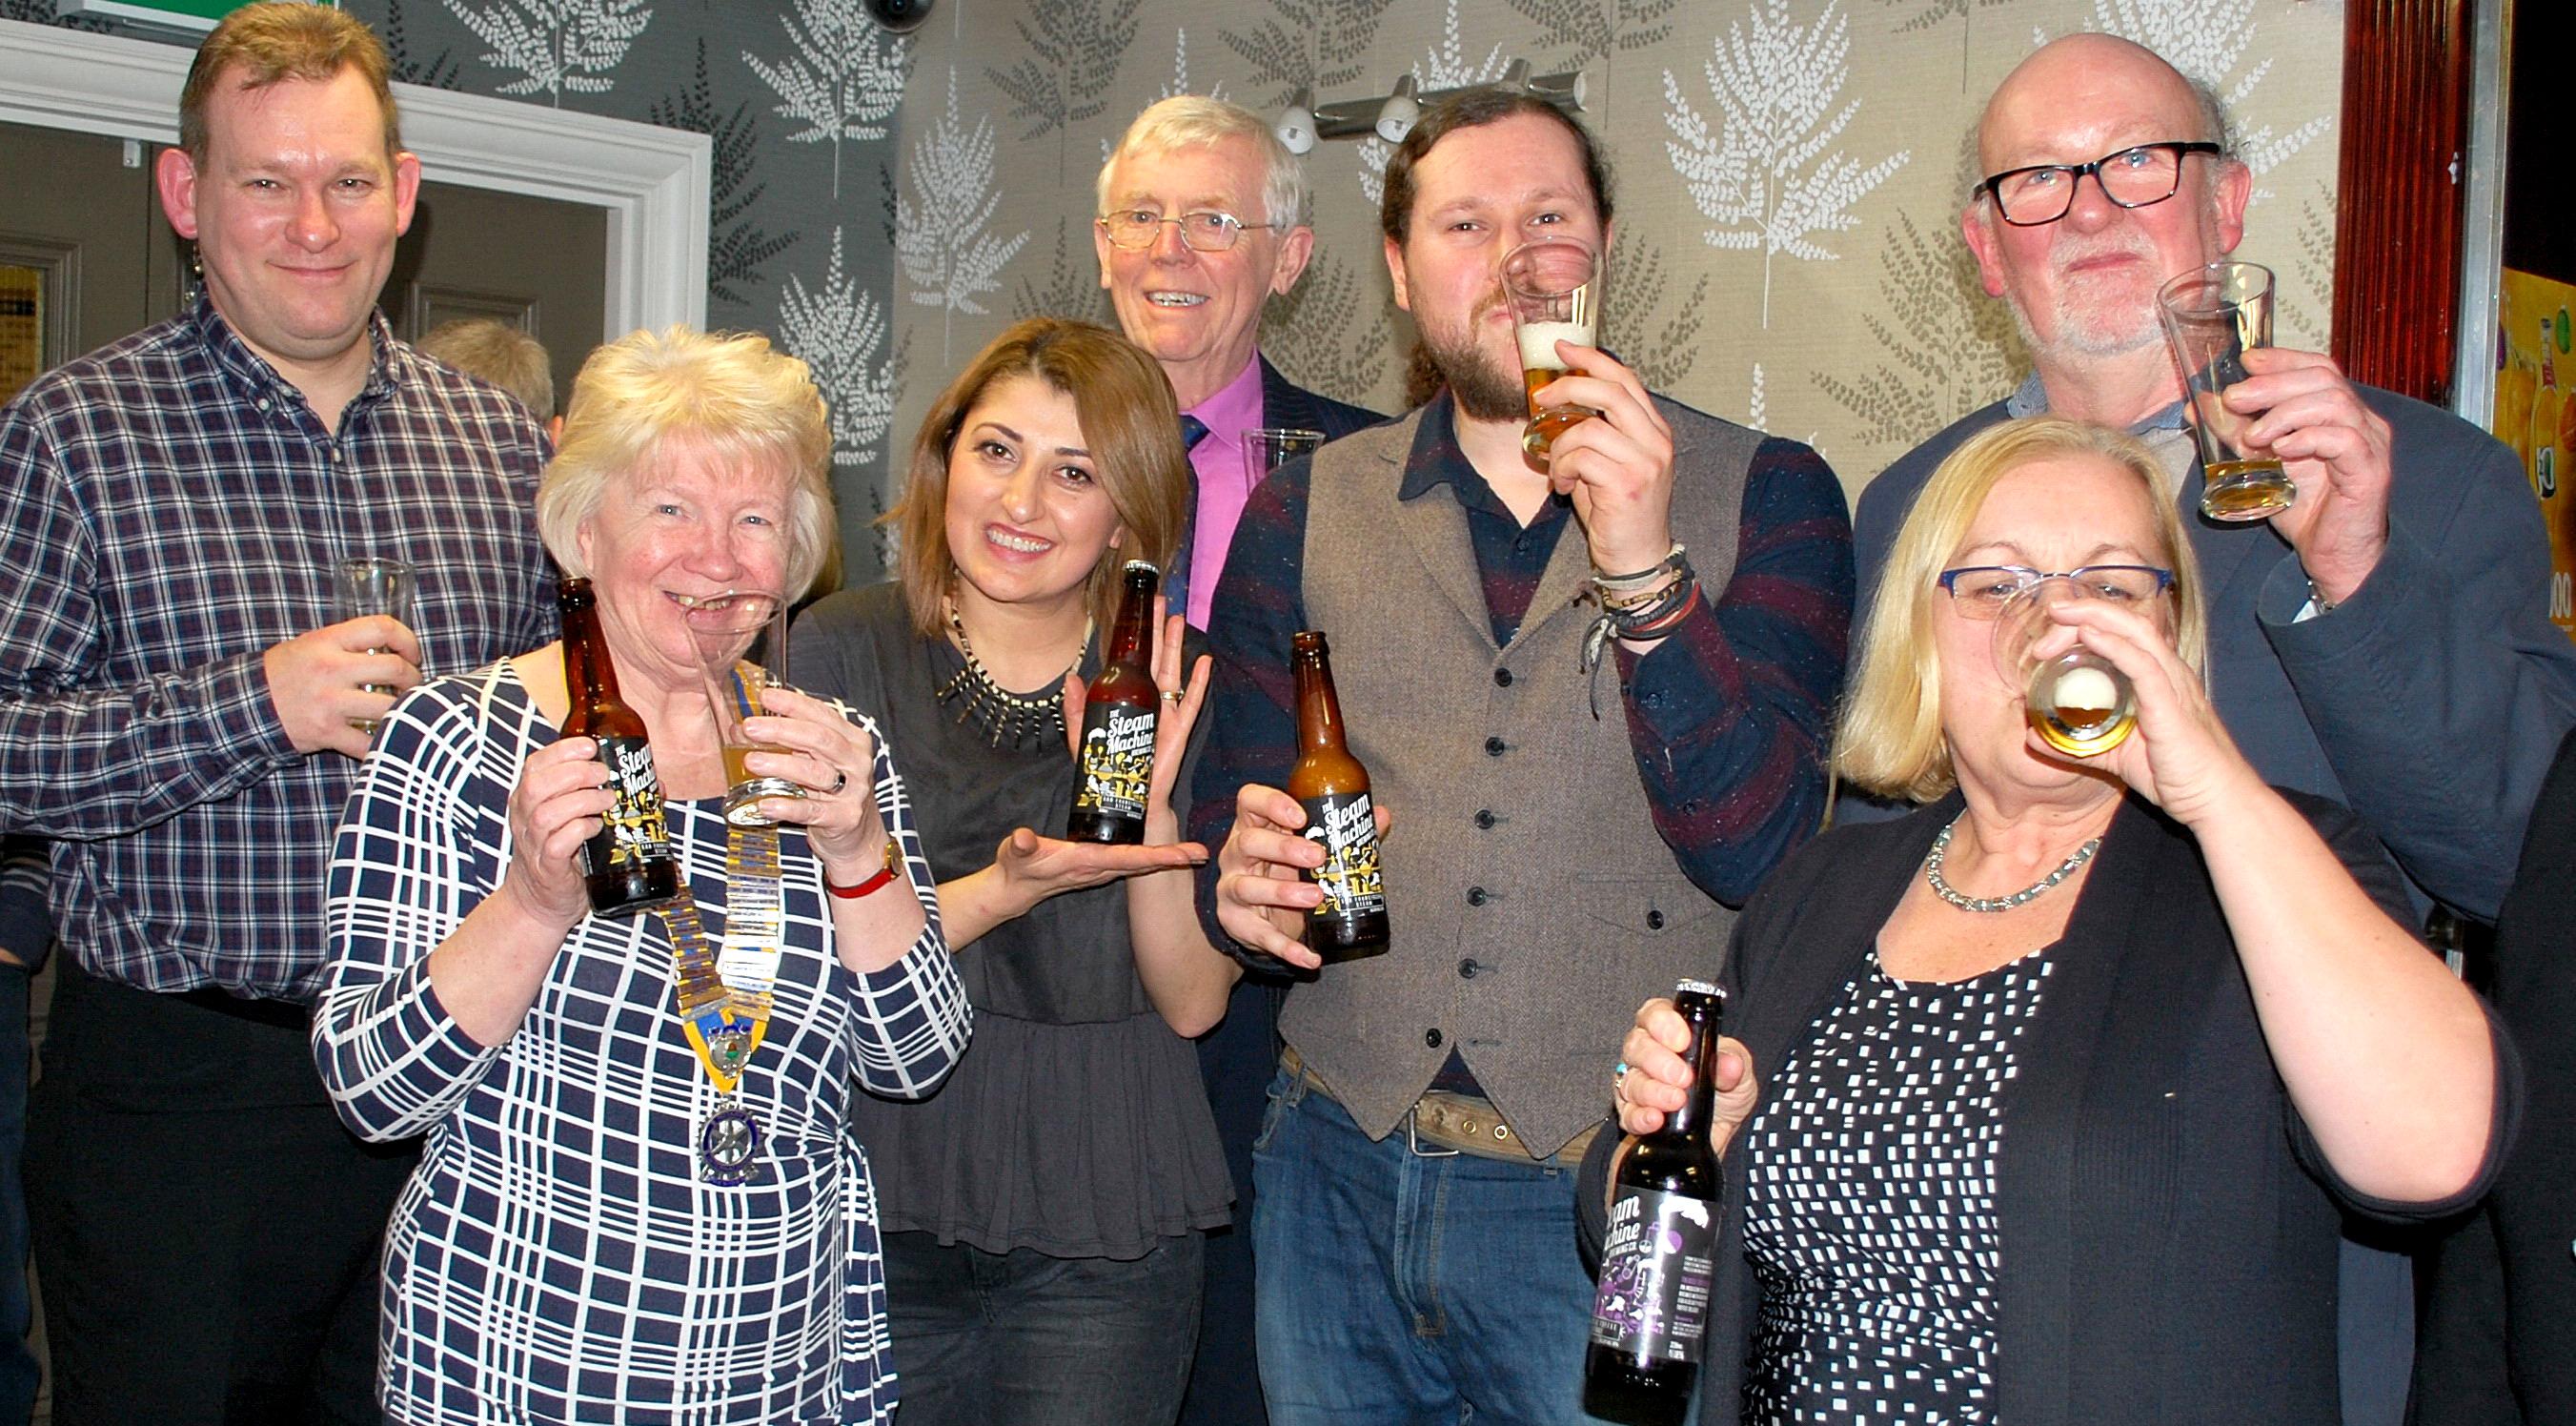 Rotary Club Enjoys Boozy Meeting